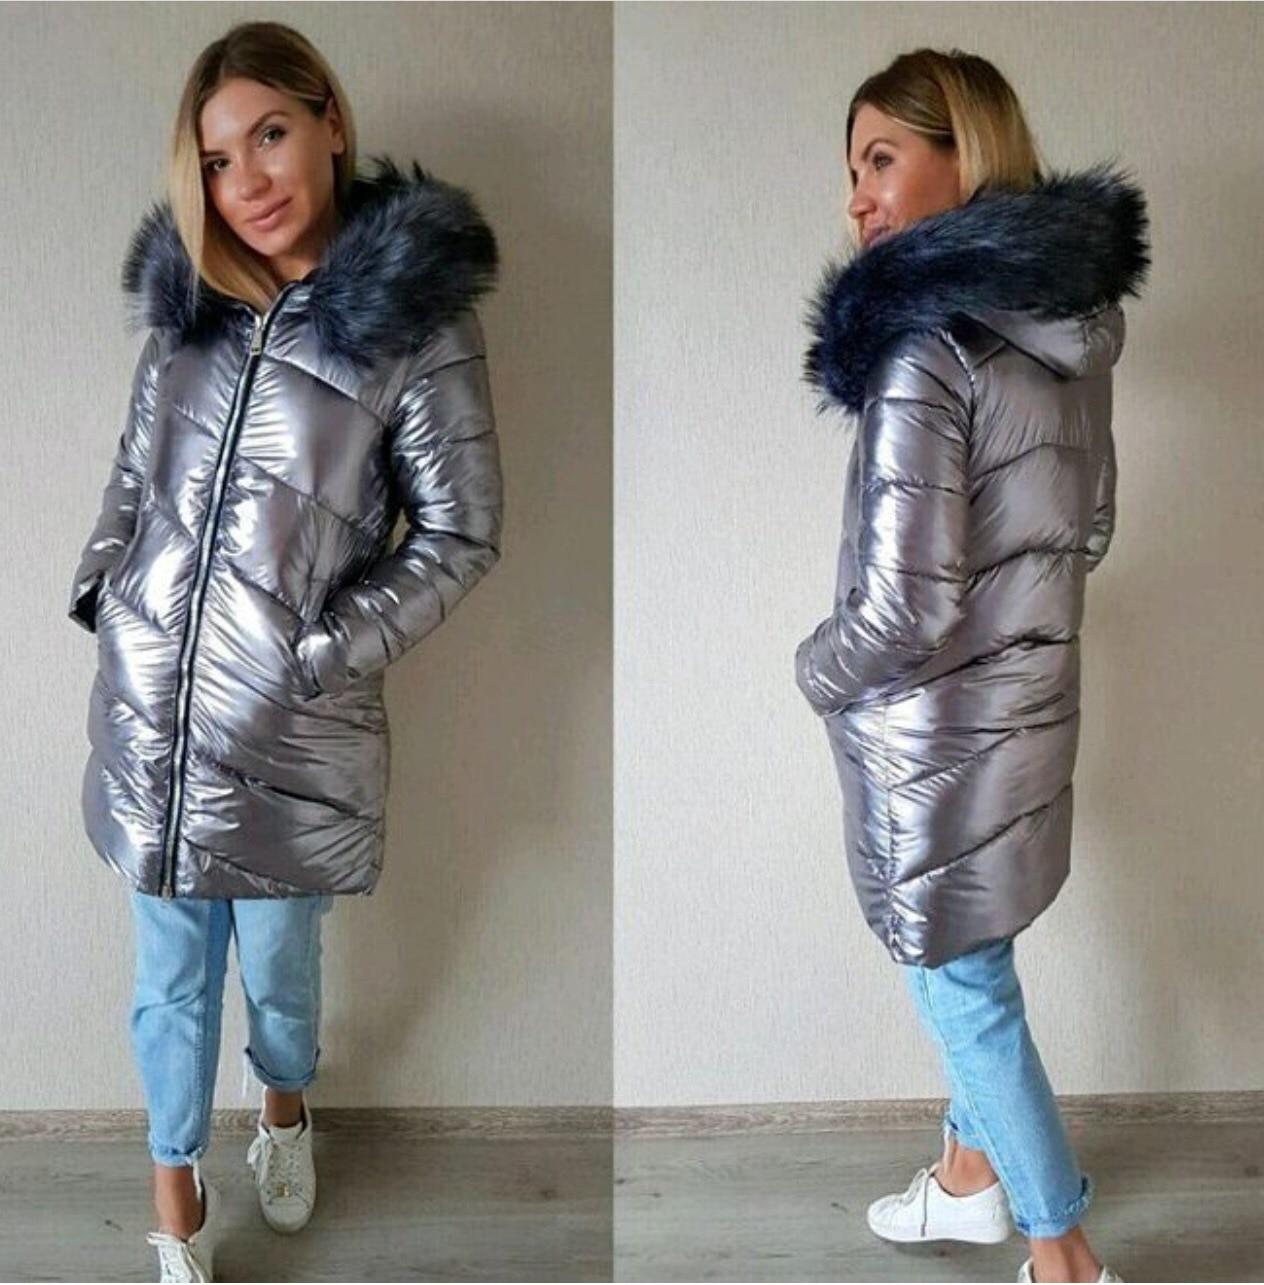 8089464044e4 Купить 2018 зимнее женское пальто с капюшоном, меховая женская парка,  толстая зимняя одежда, женские куртки, длинное теплое Женское зимнее пальто  Продажа ...